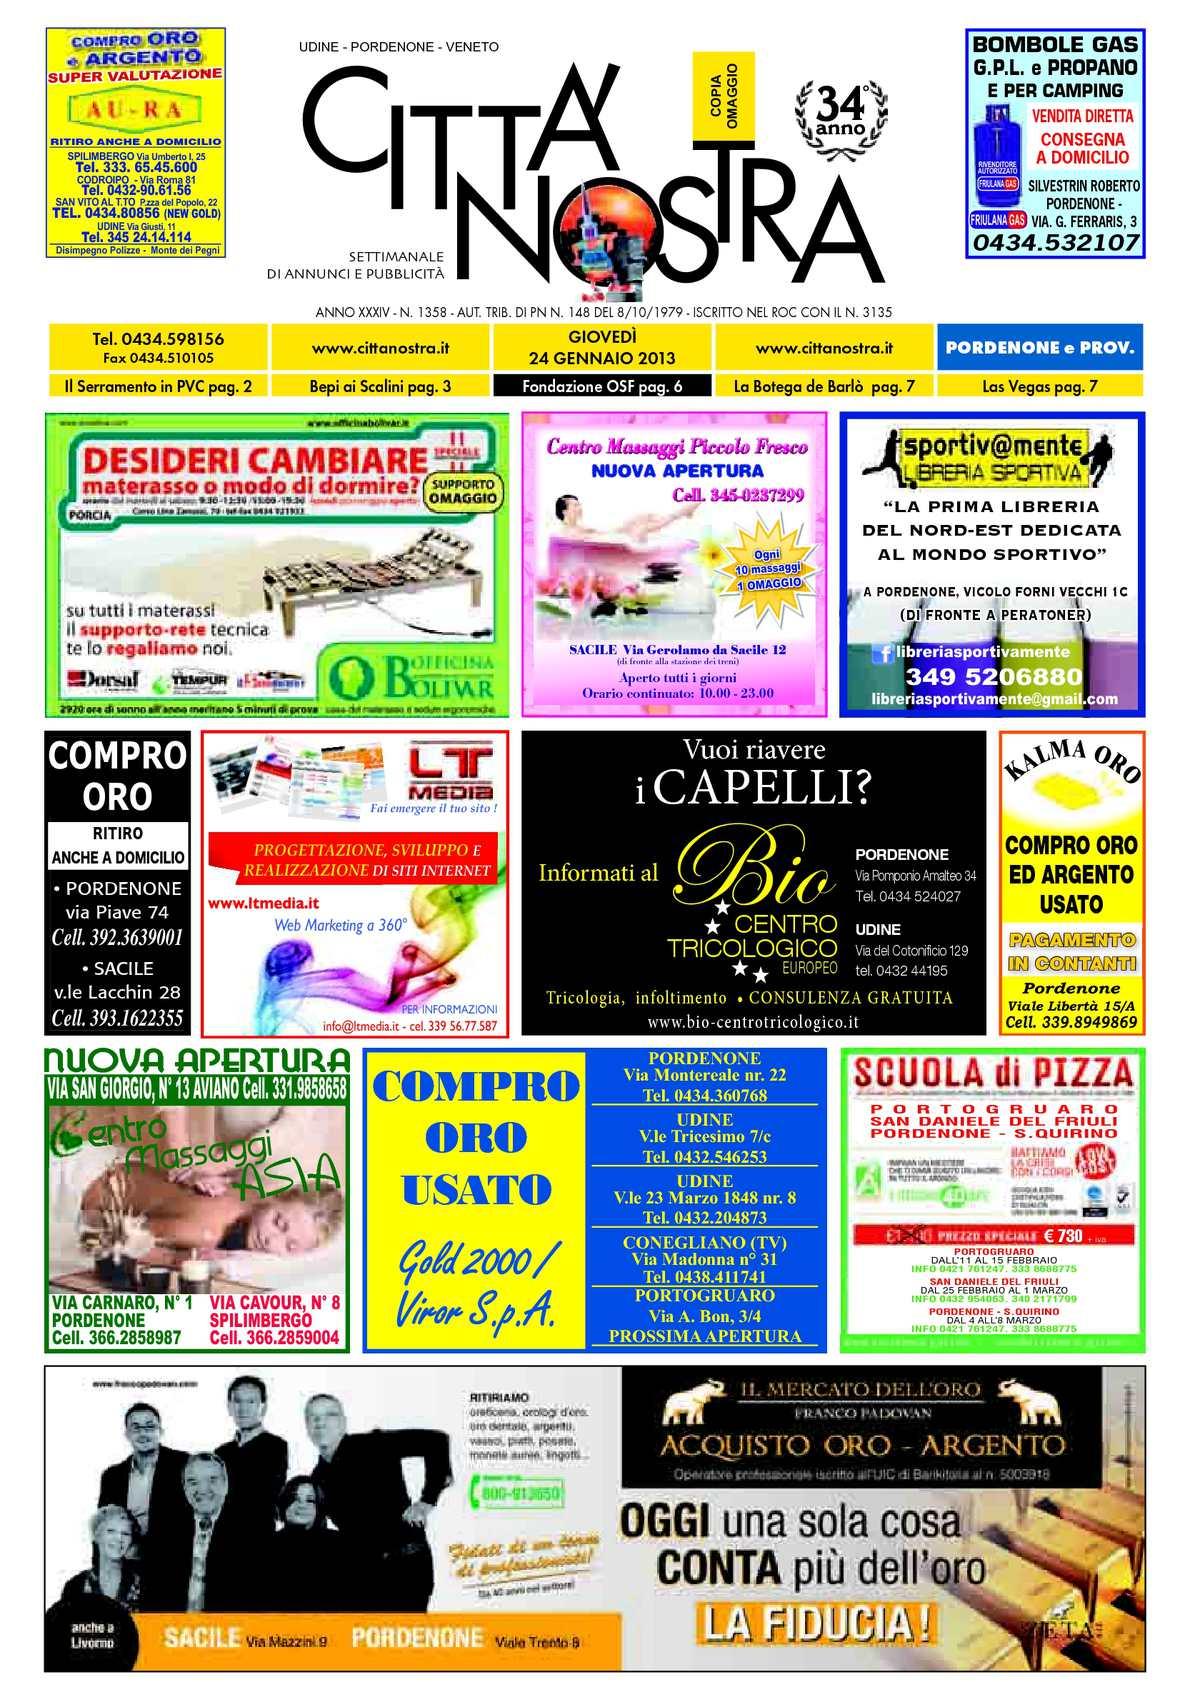 new concept 87511 1362d Calaméo - Città Nostra Pordenone del 24.01.2013 n. 1358